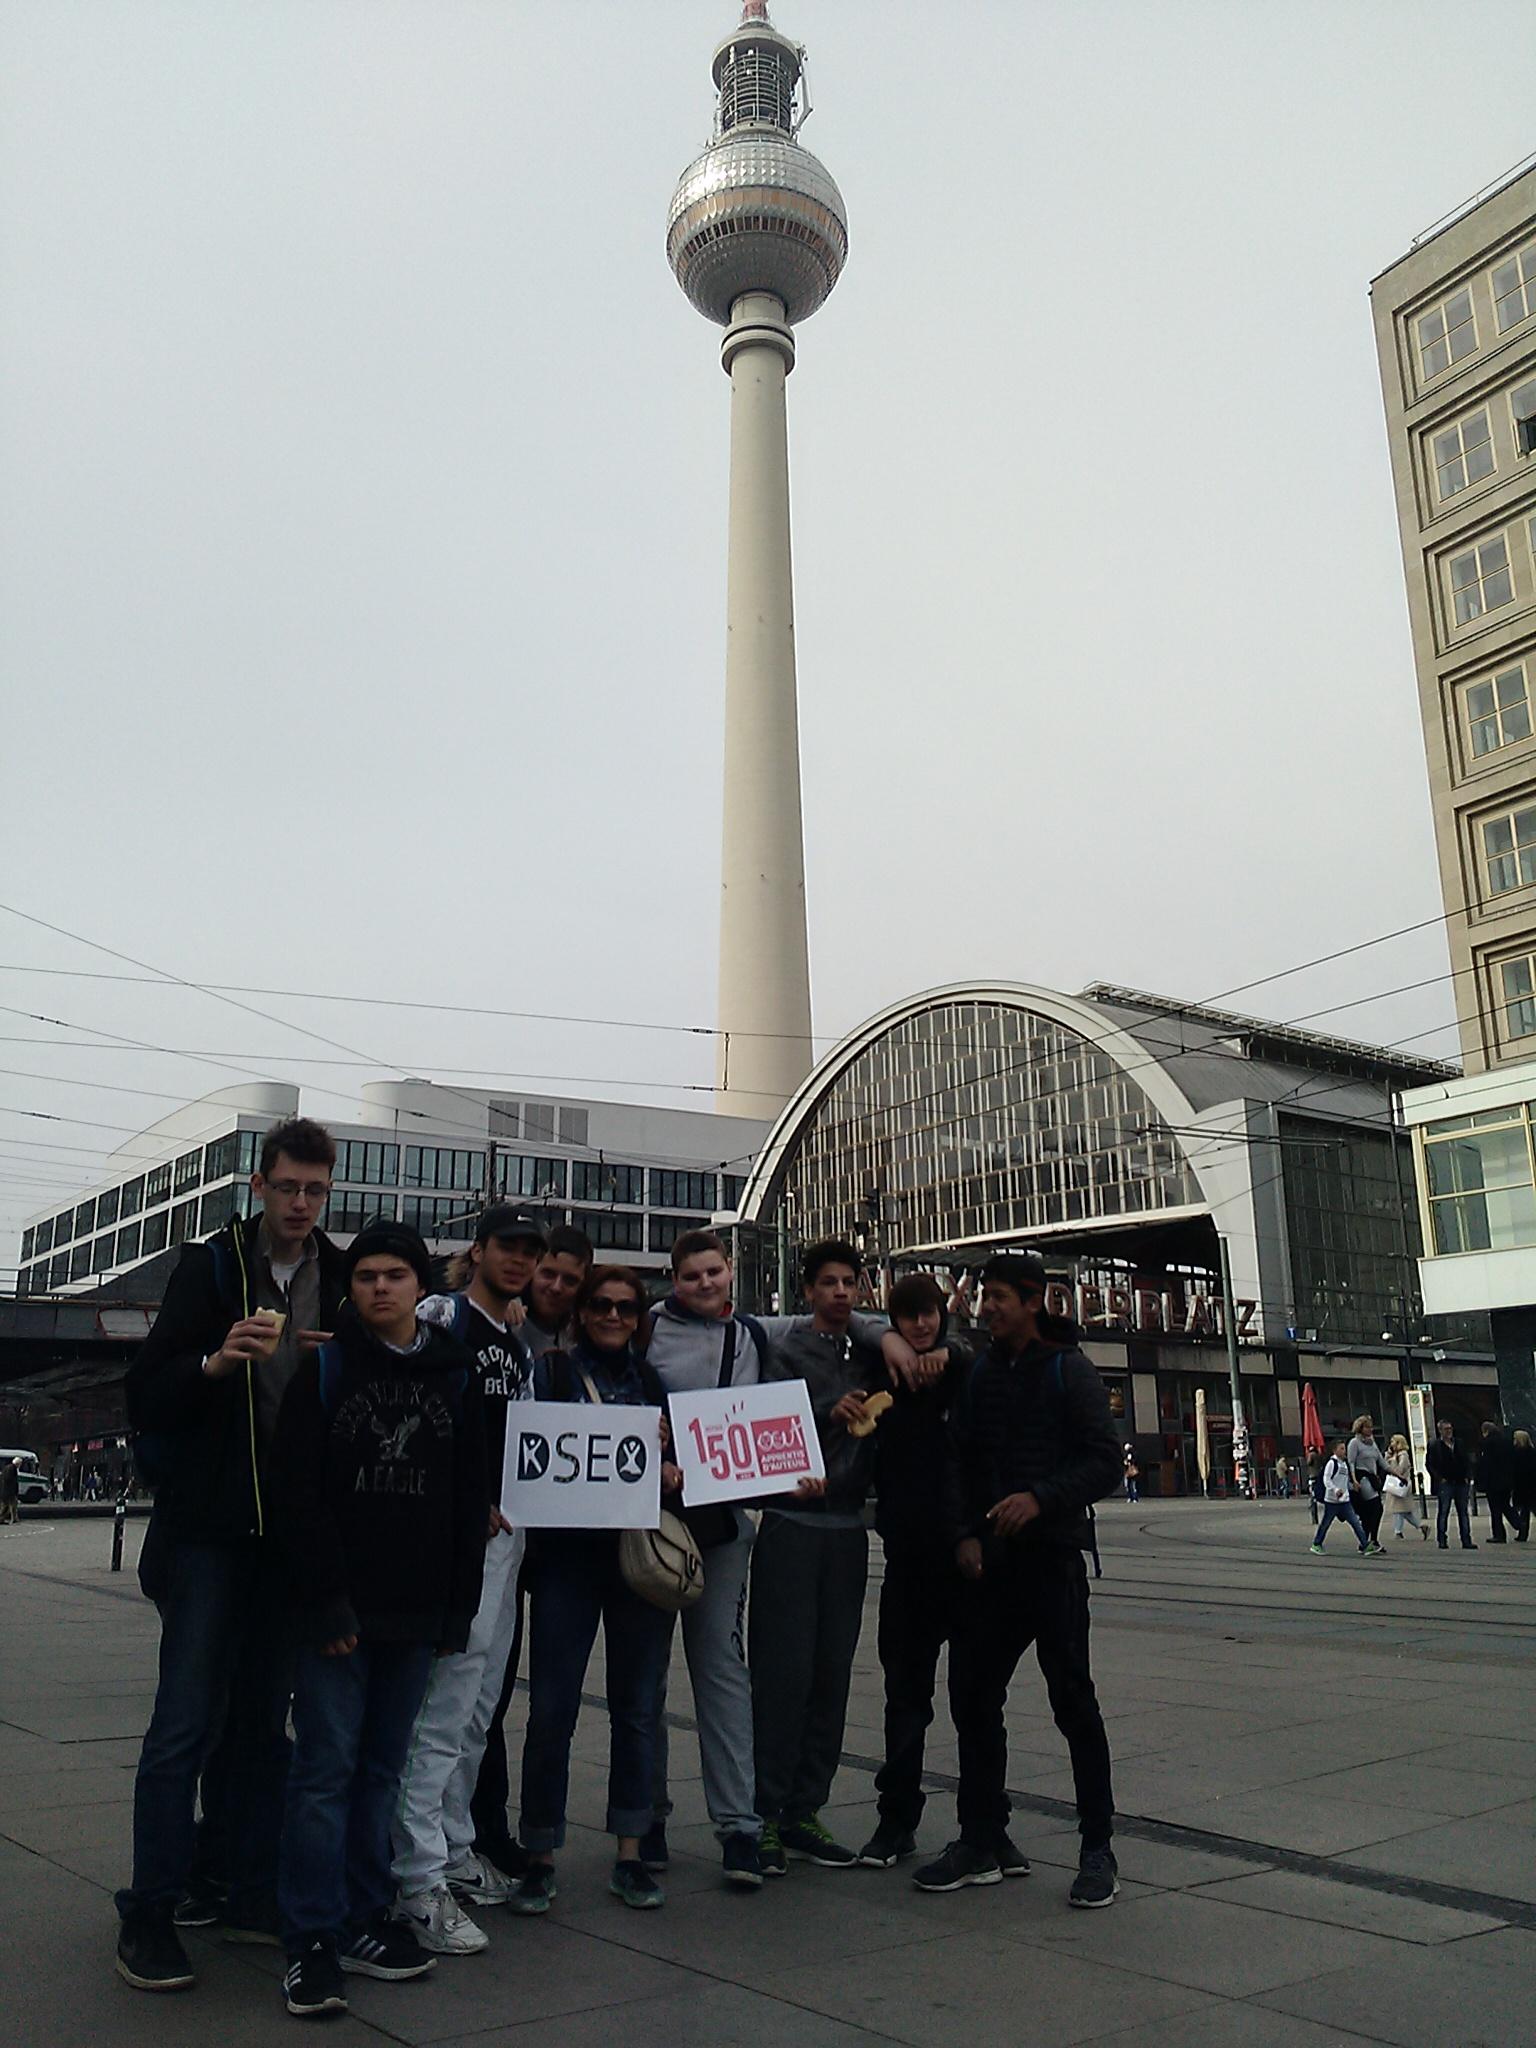 1. Alexander Platz